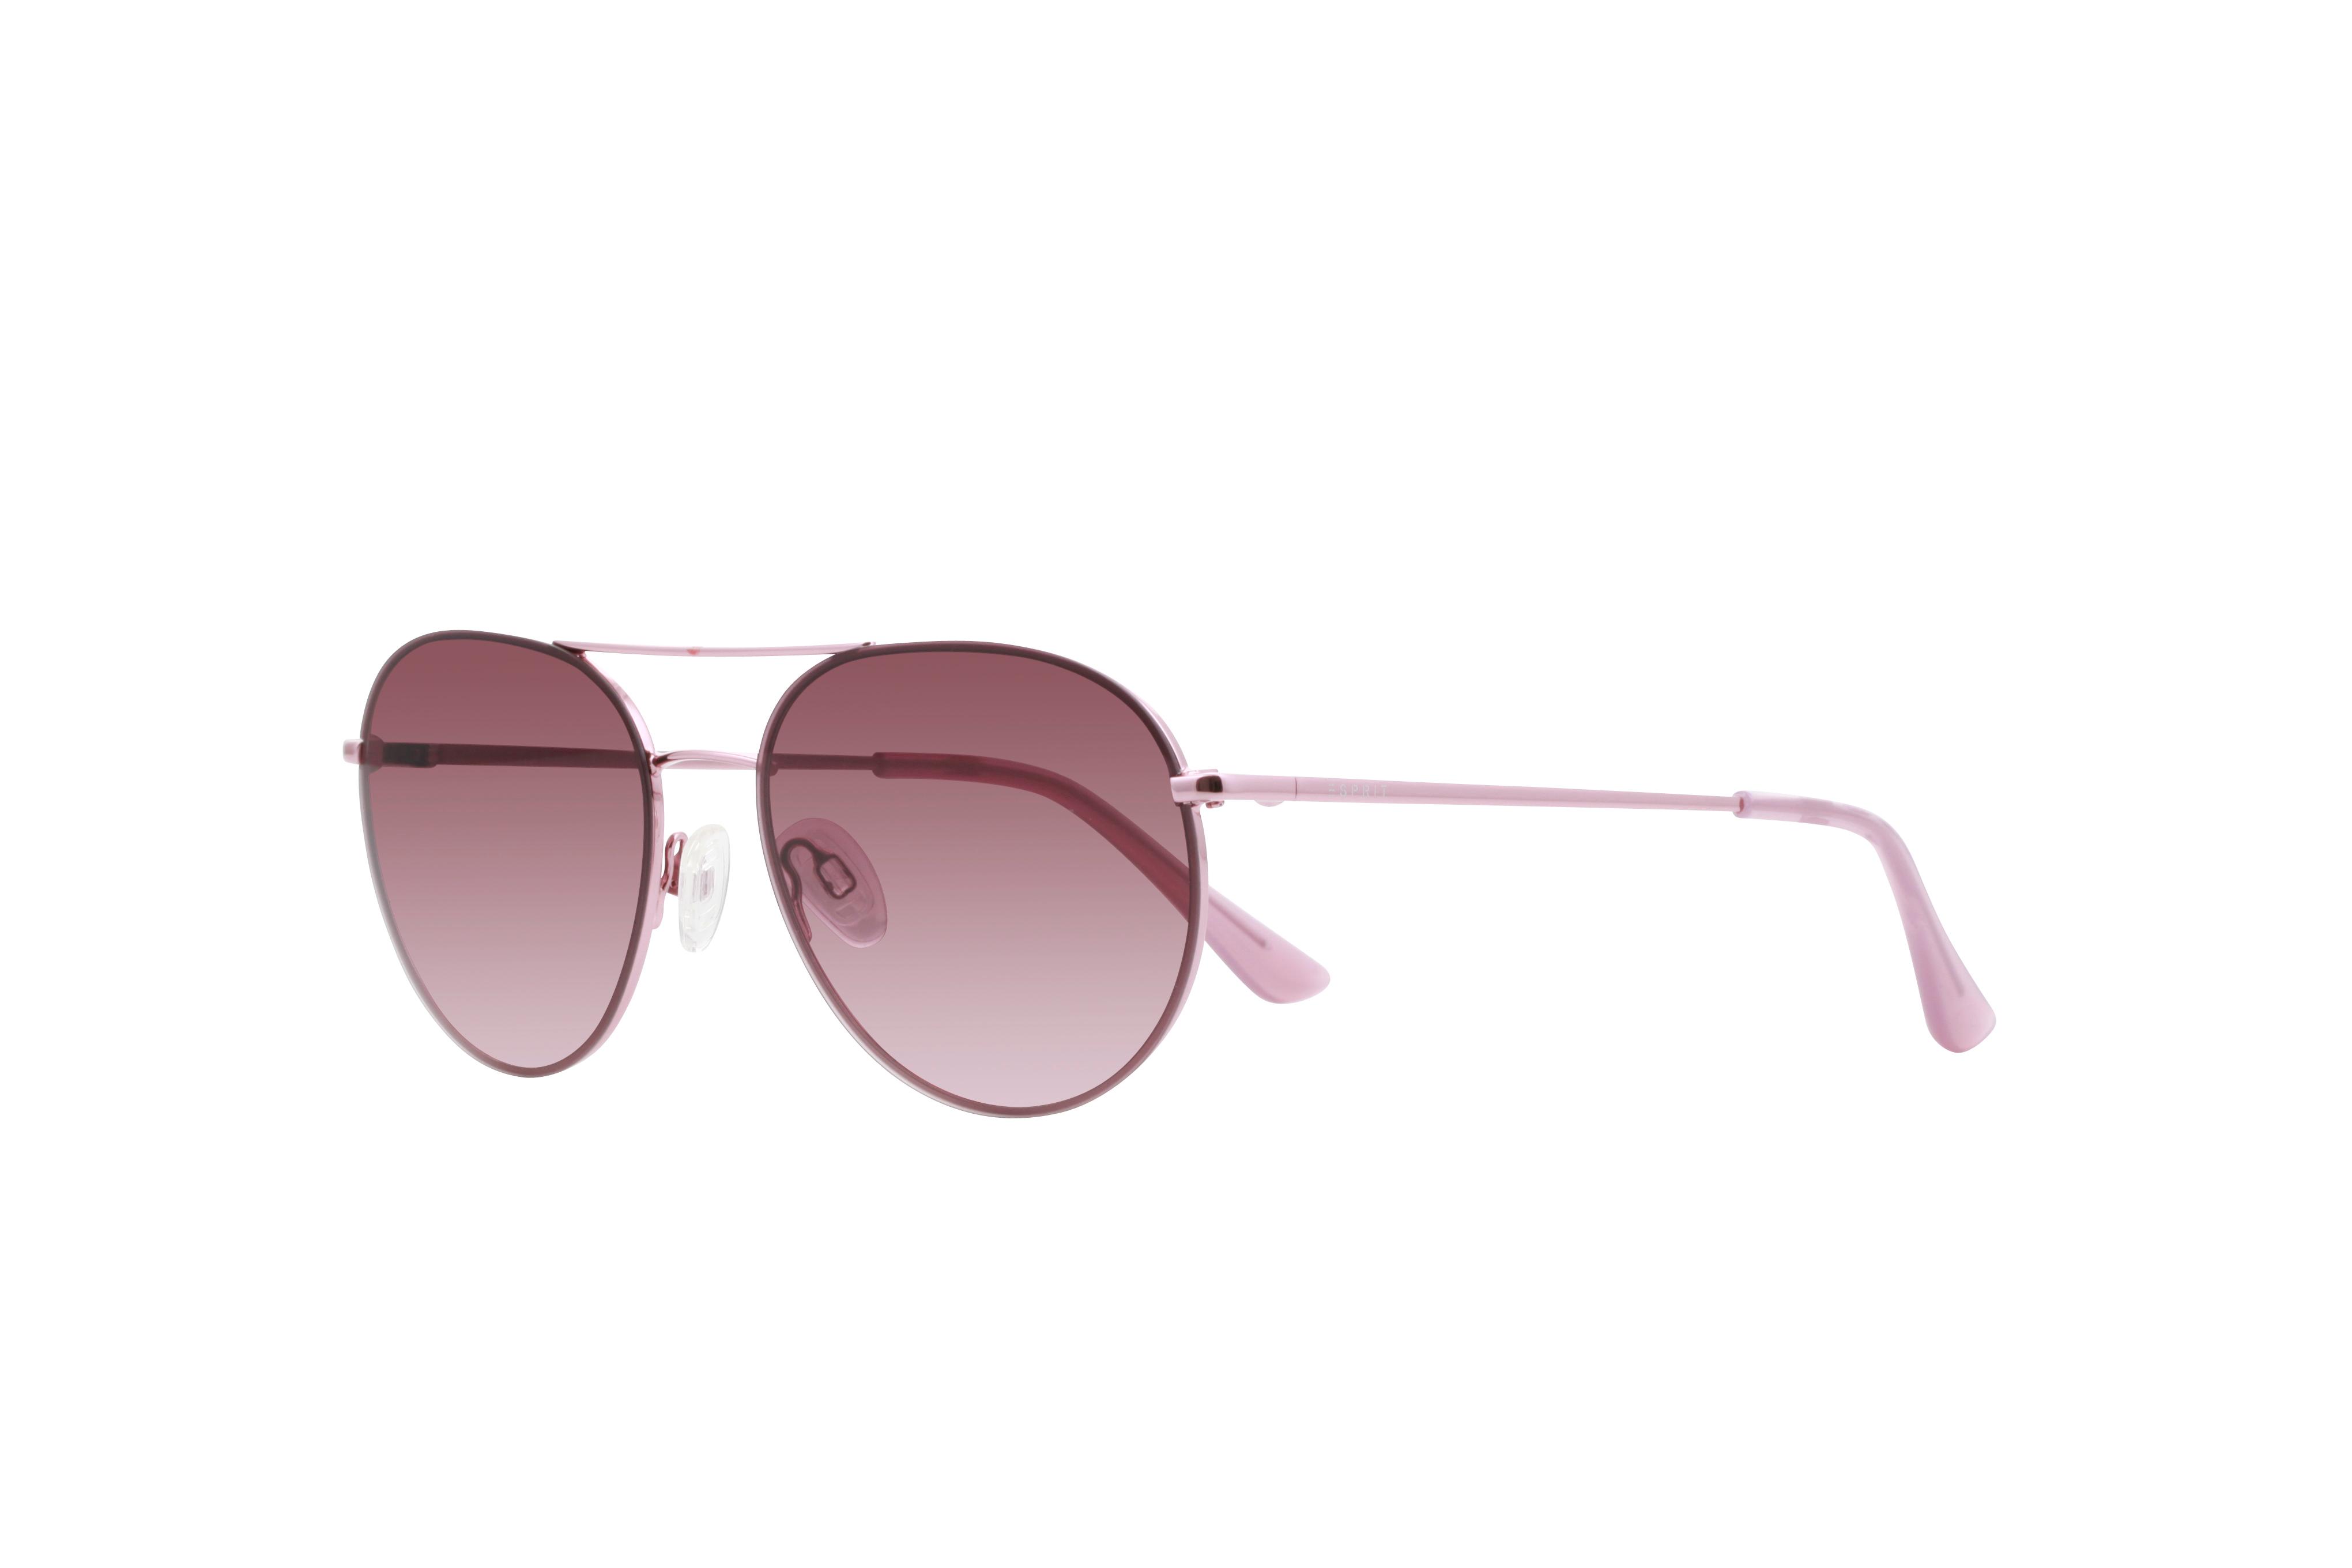 Angle_Left01 Esprit Esprit 39096 515 56/17 Roze/Roze